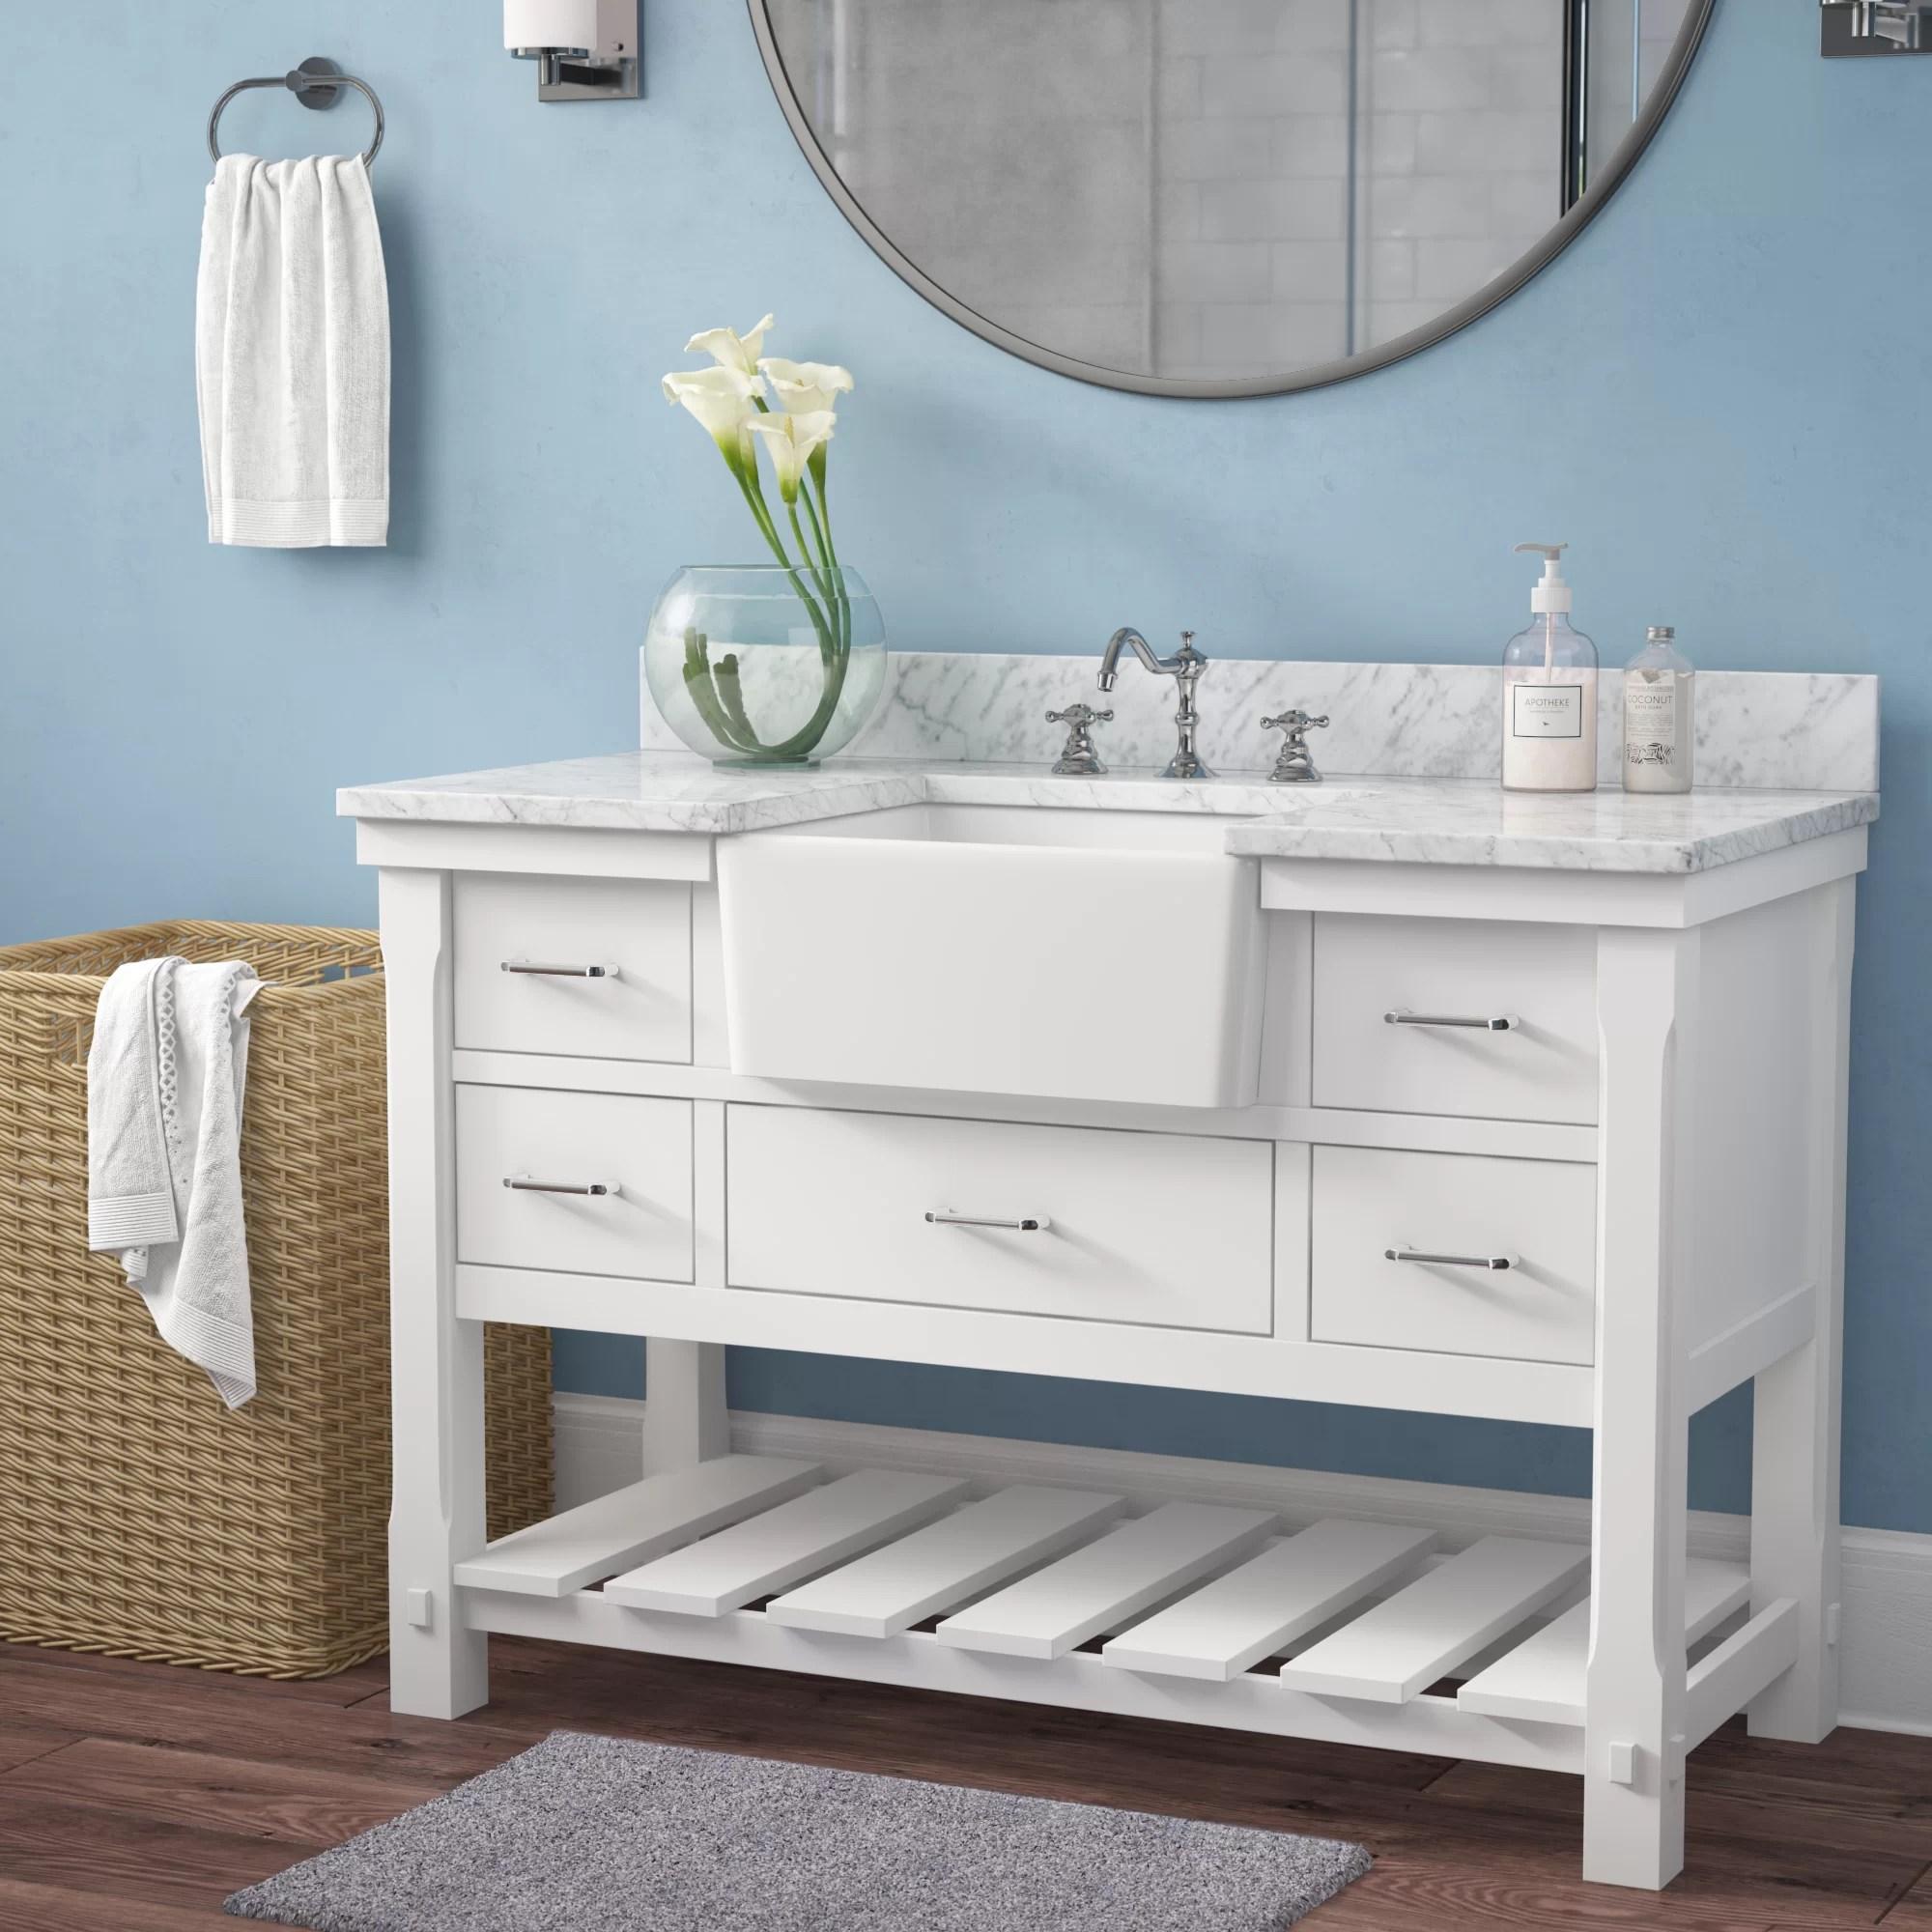 Highland Dunes Skelly 48 Single Bathroom Vanity Set Reviews Wayfair